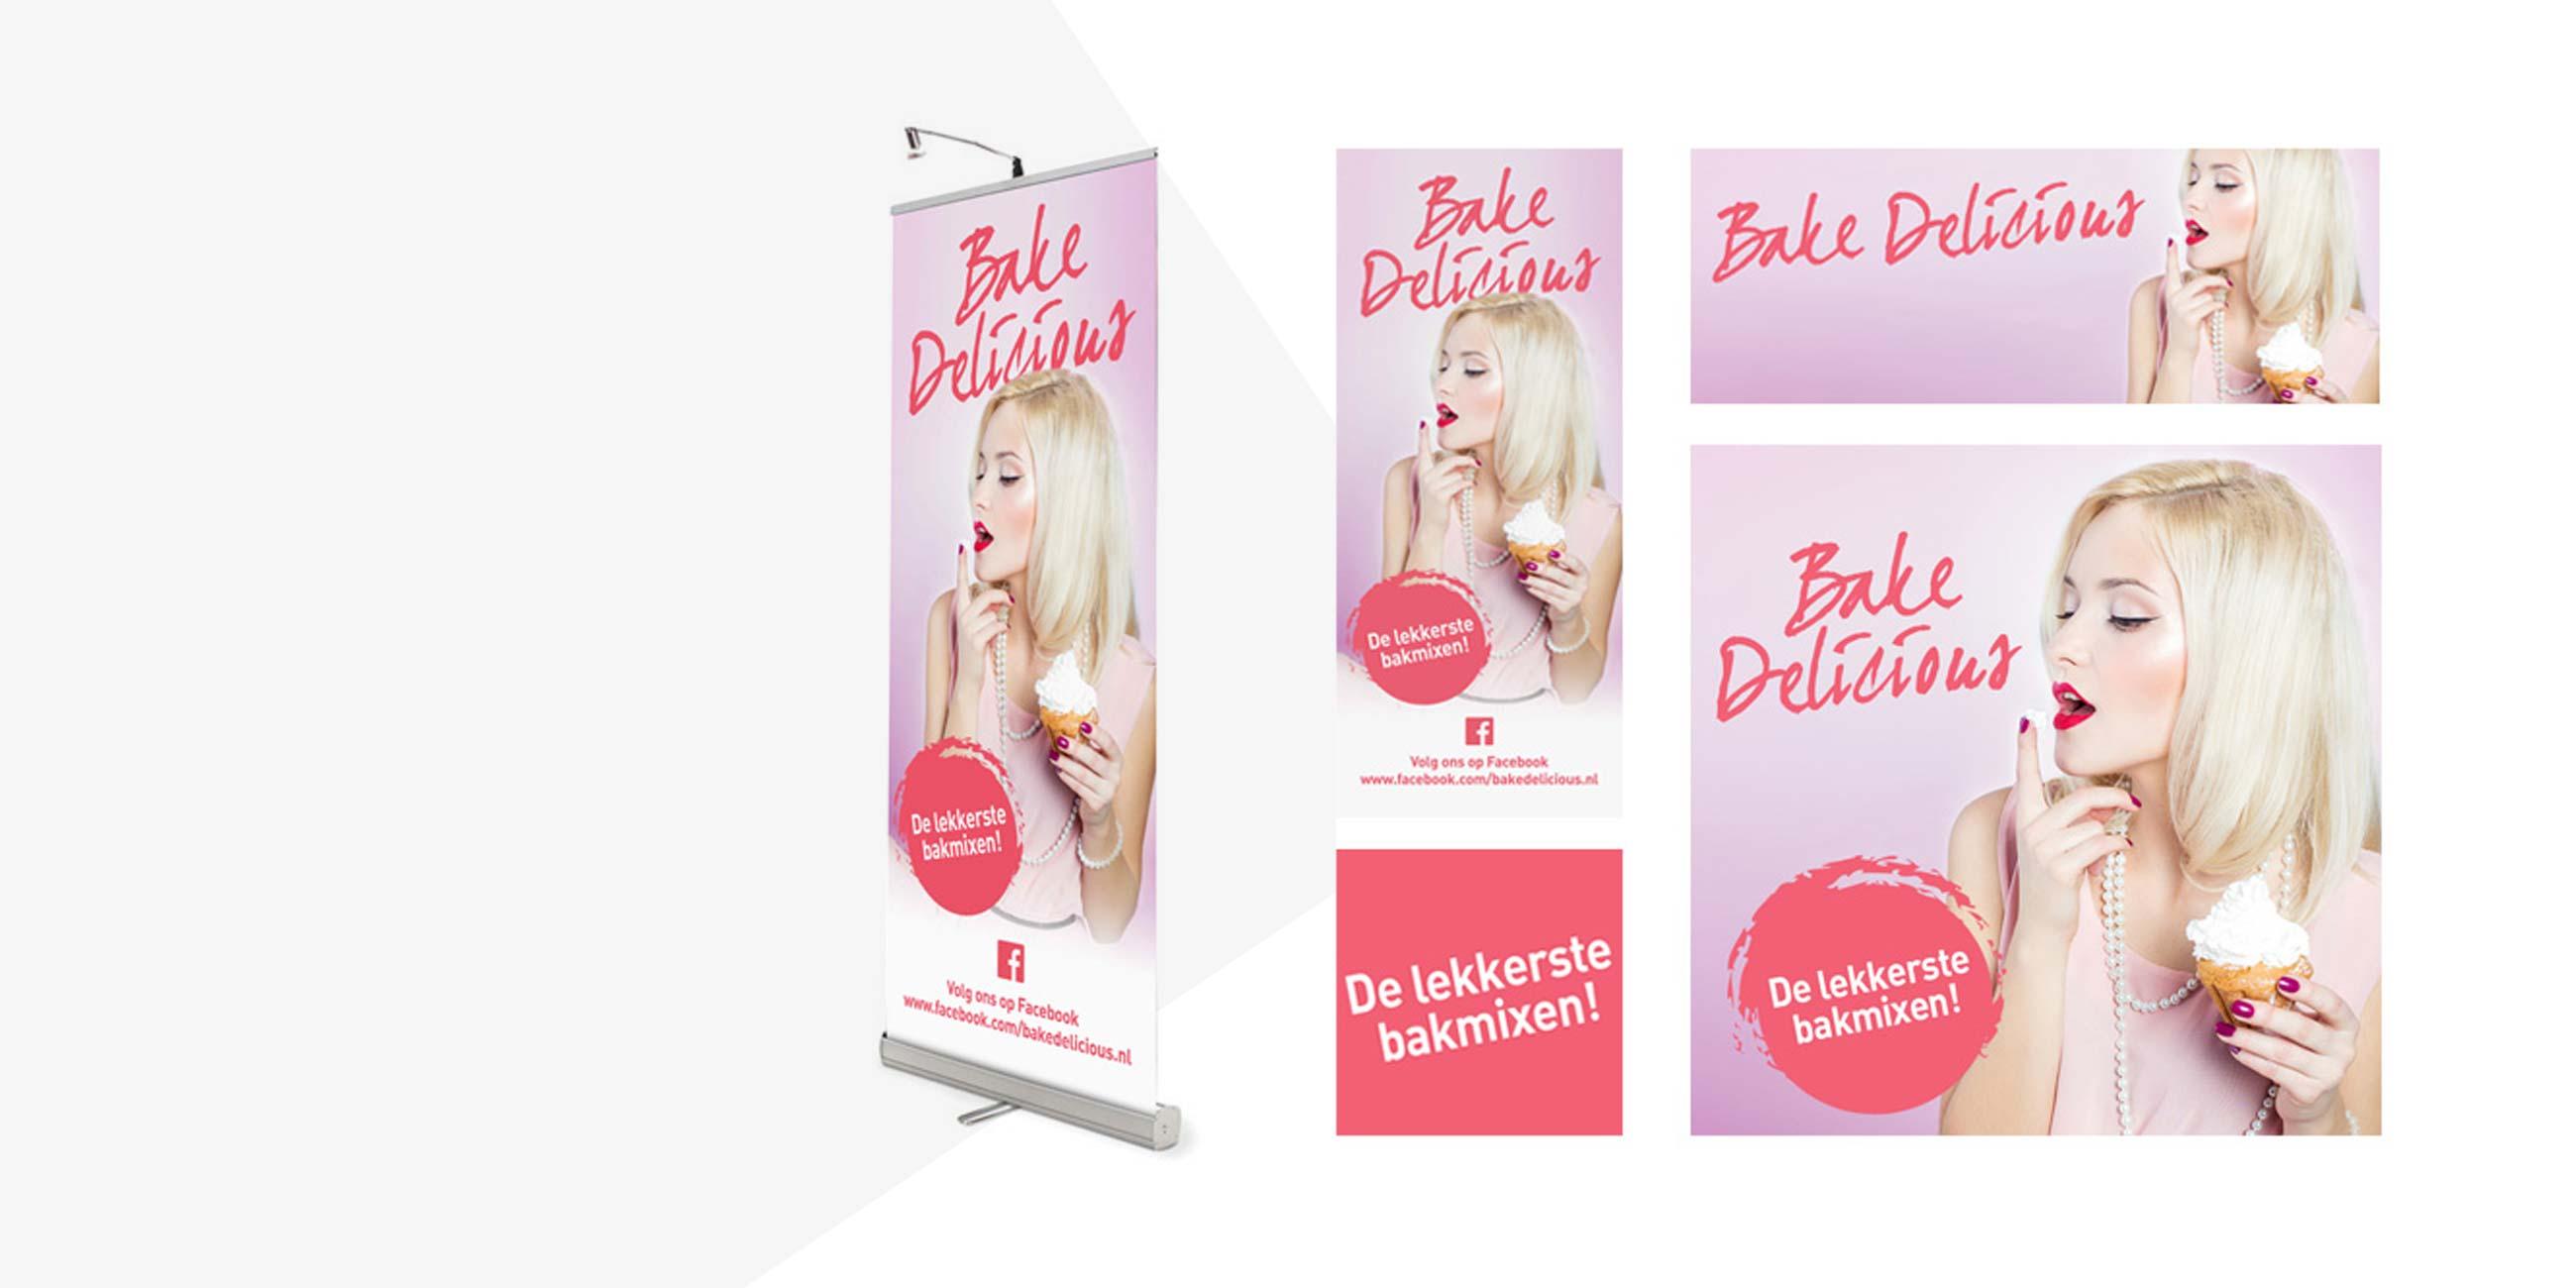 Roll-up banners en socialmedia banners